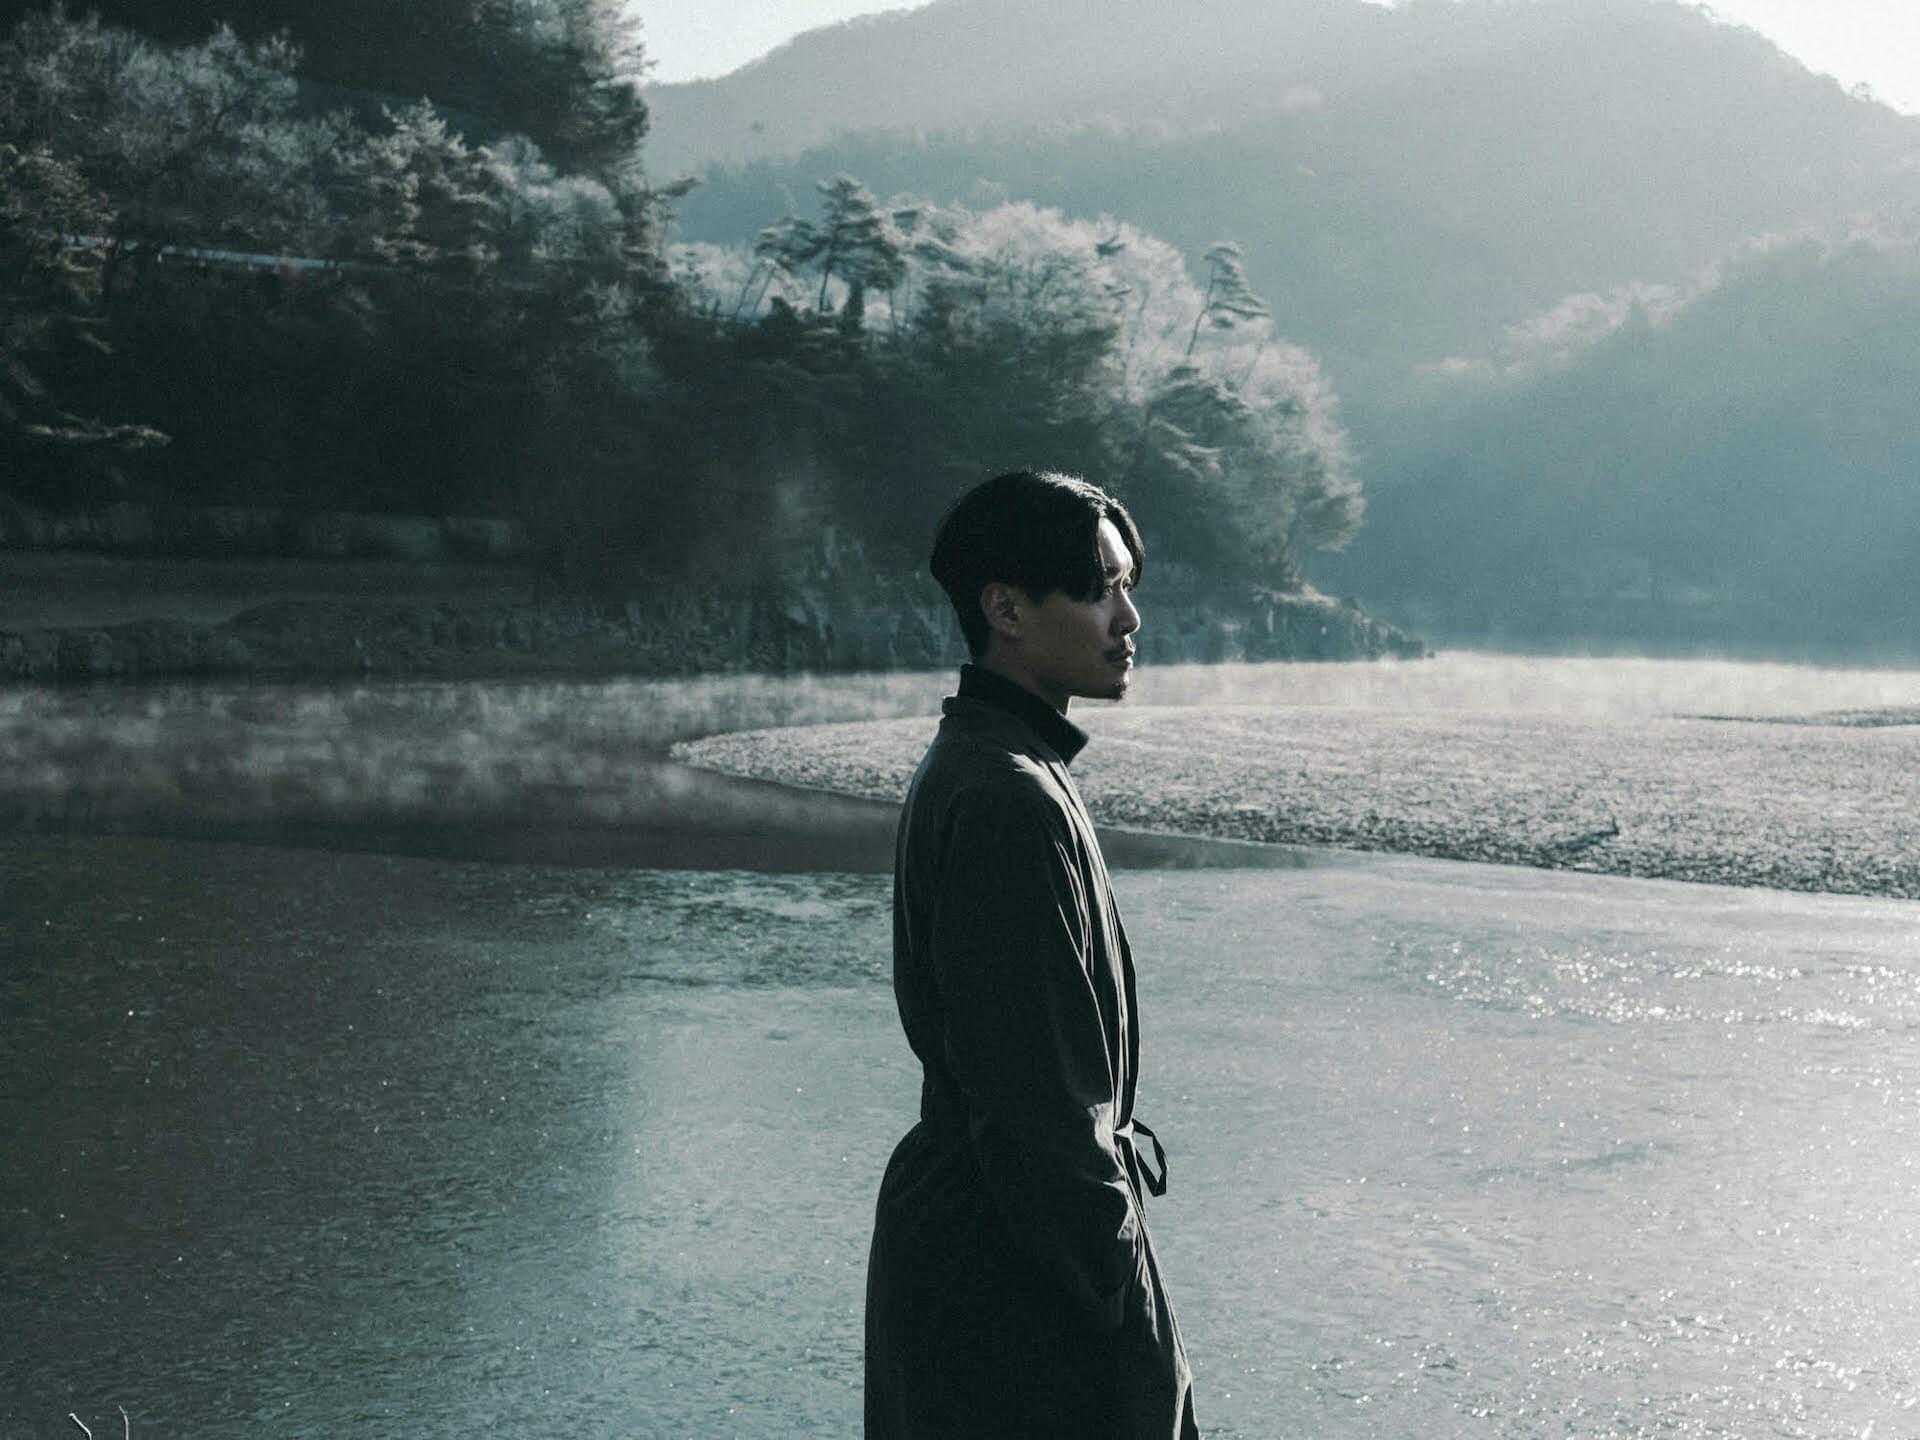 インタビュー:PEOPLEAP『THE SWEETEST TABOO』シリーズ Vol.2 RYU MIENO art201130_peopleap_ryumieno_02